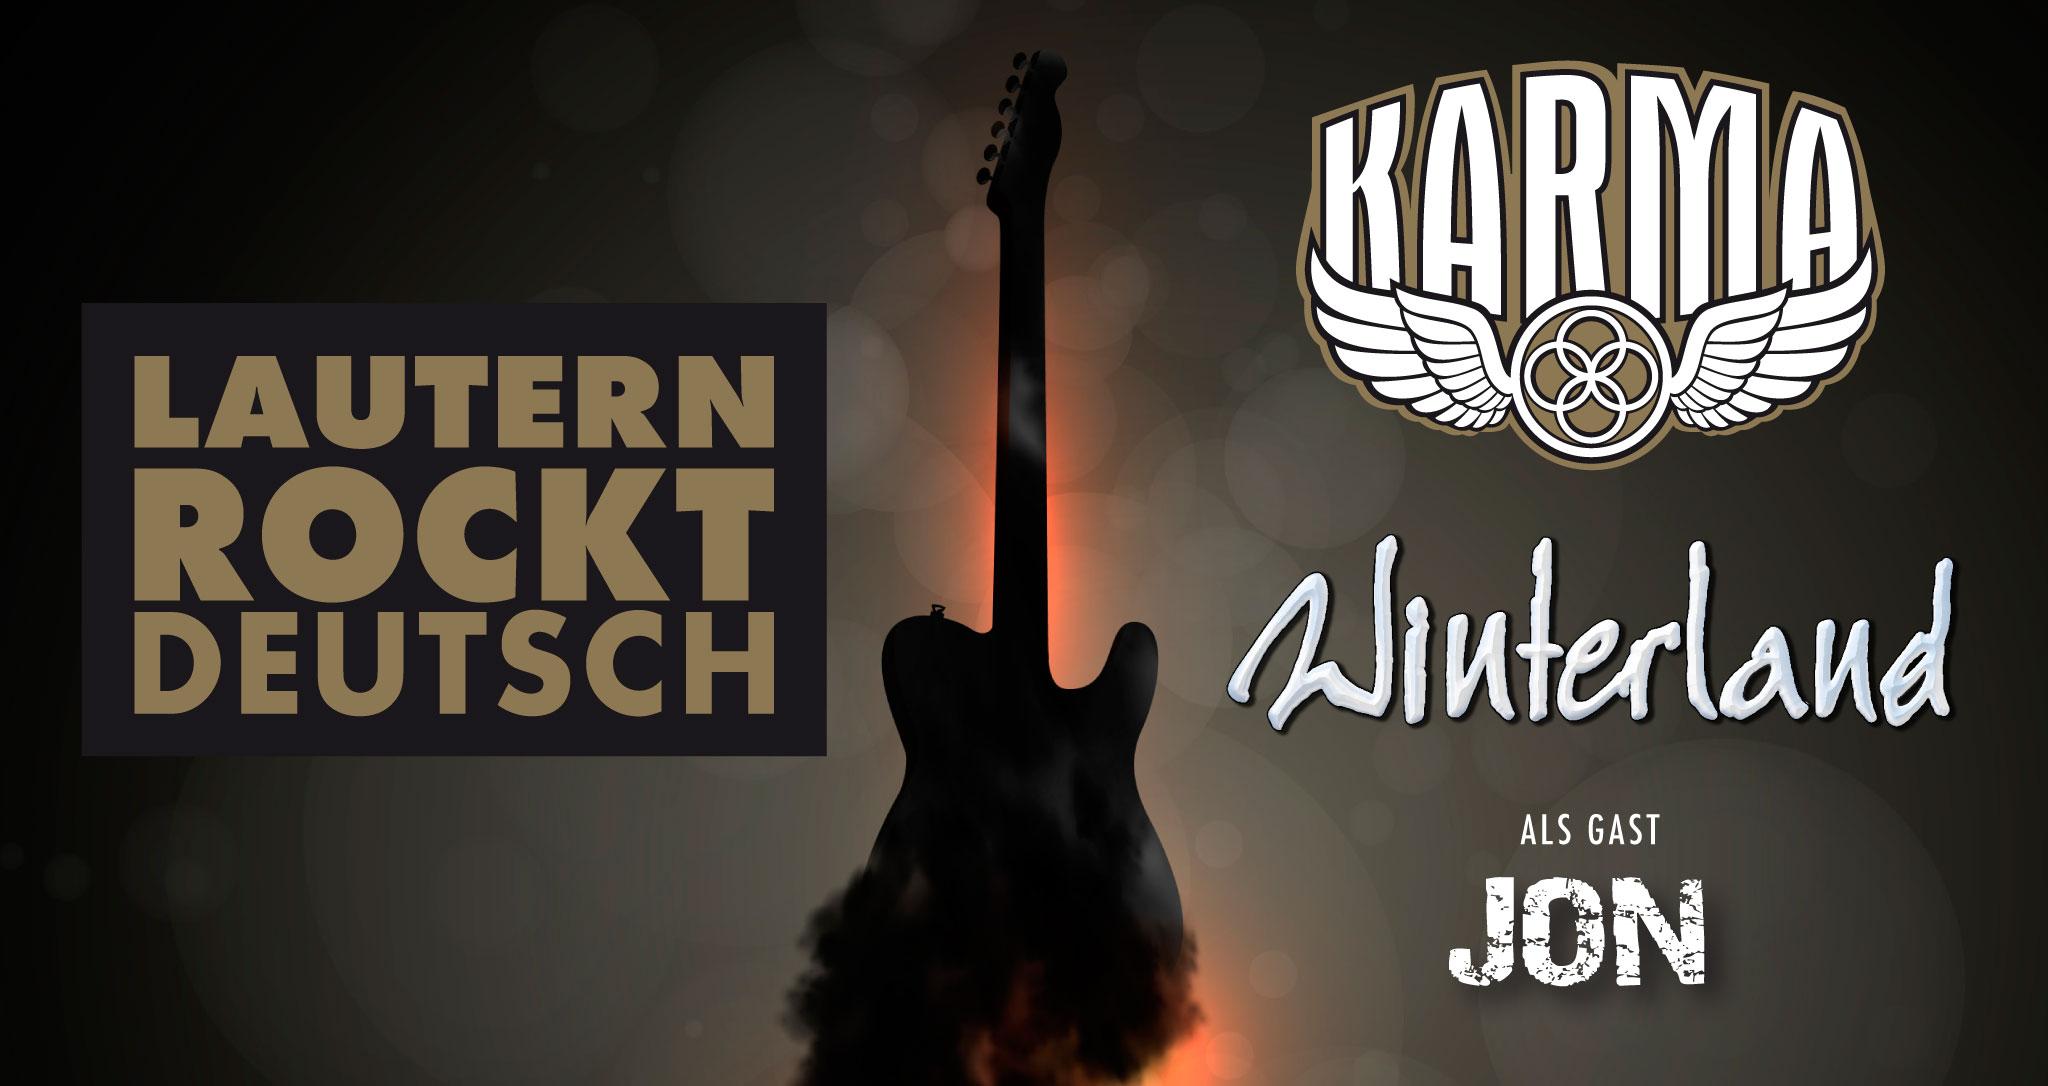 Lautern rockt deutsch